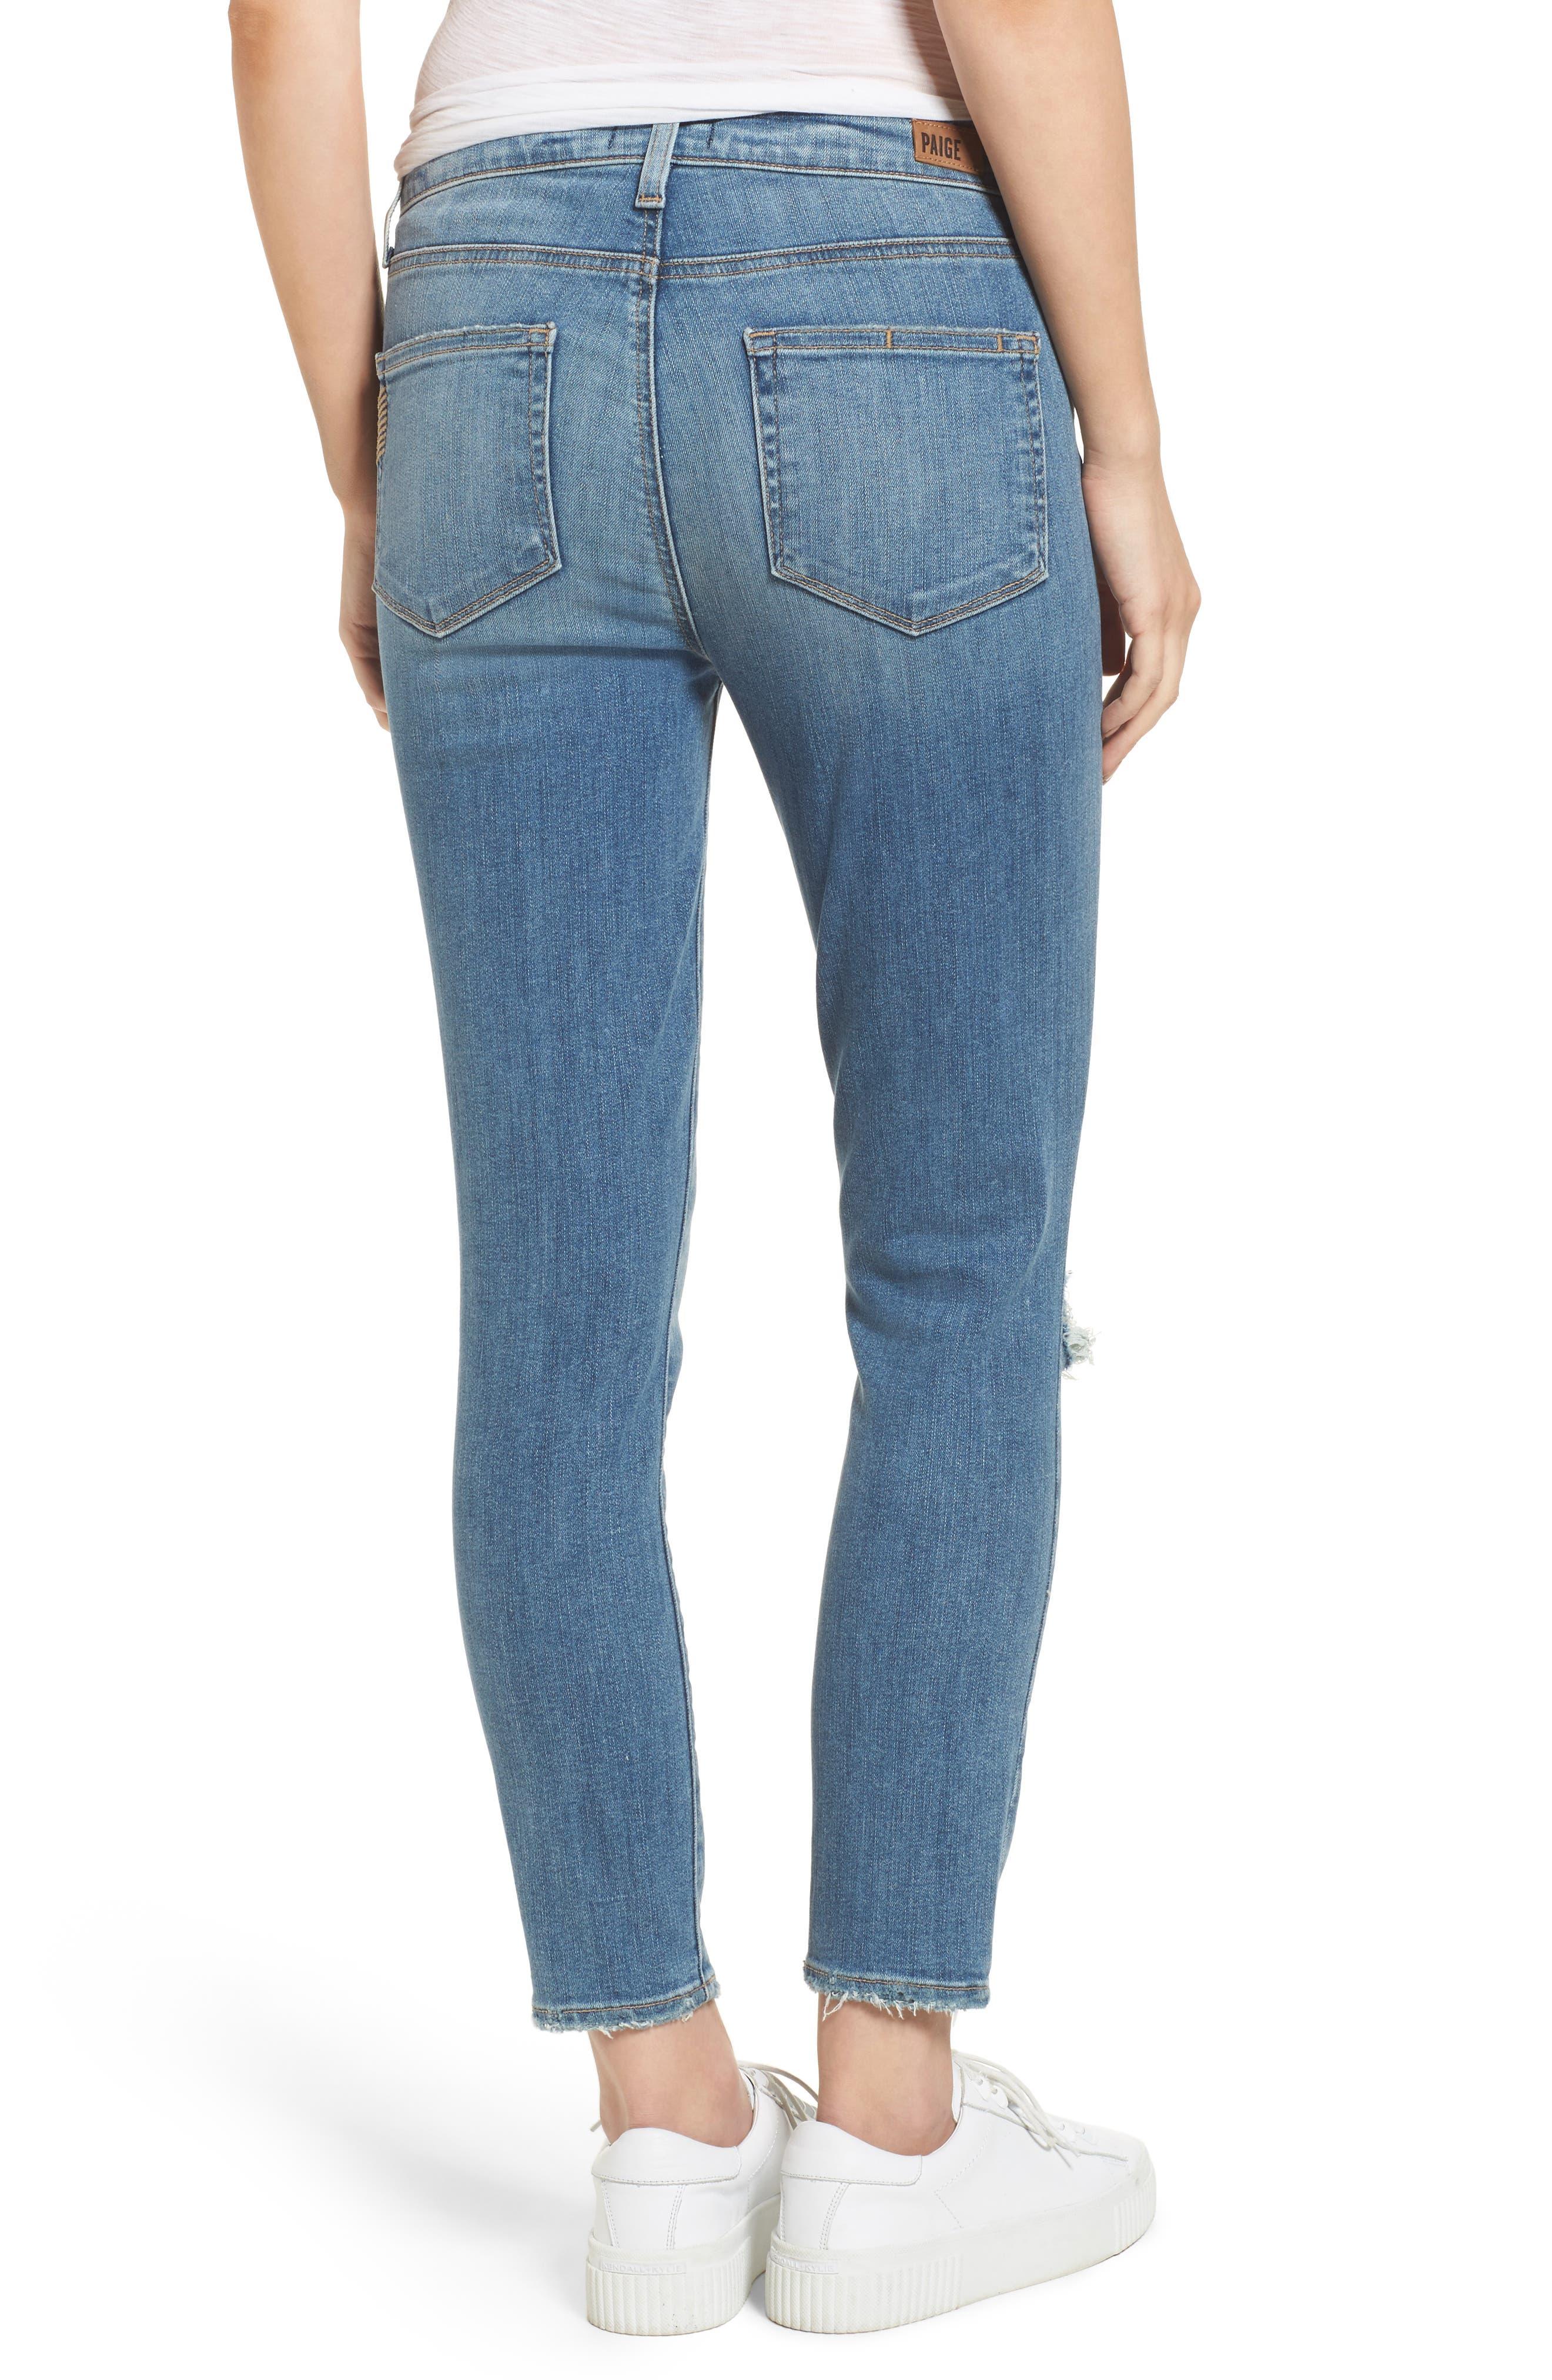 Transcend Vintage - Hoxton High Waist Crop Jeans,                             Alternate thumbnail 3, color,                             400